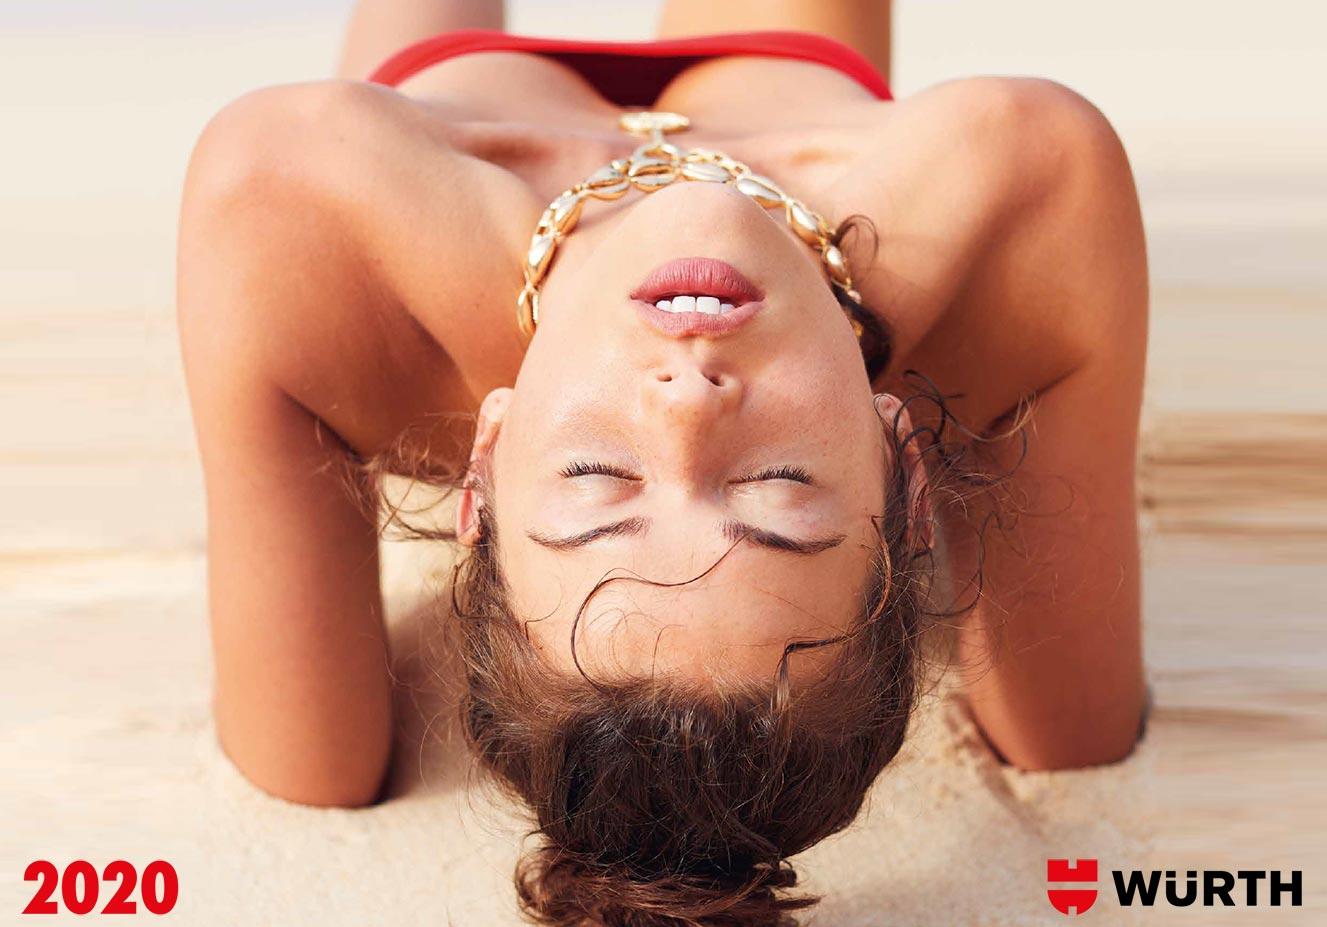 Сексуальные девушки-фотомодели в календаре корпорации Wurth на 2020-й год / обложка